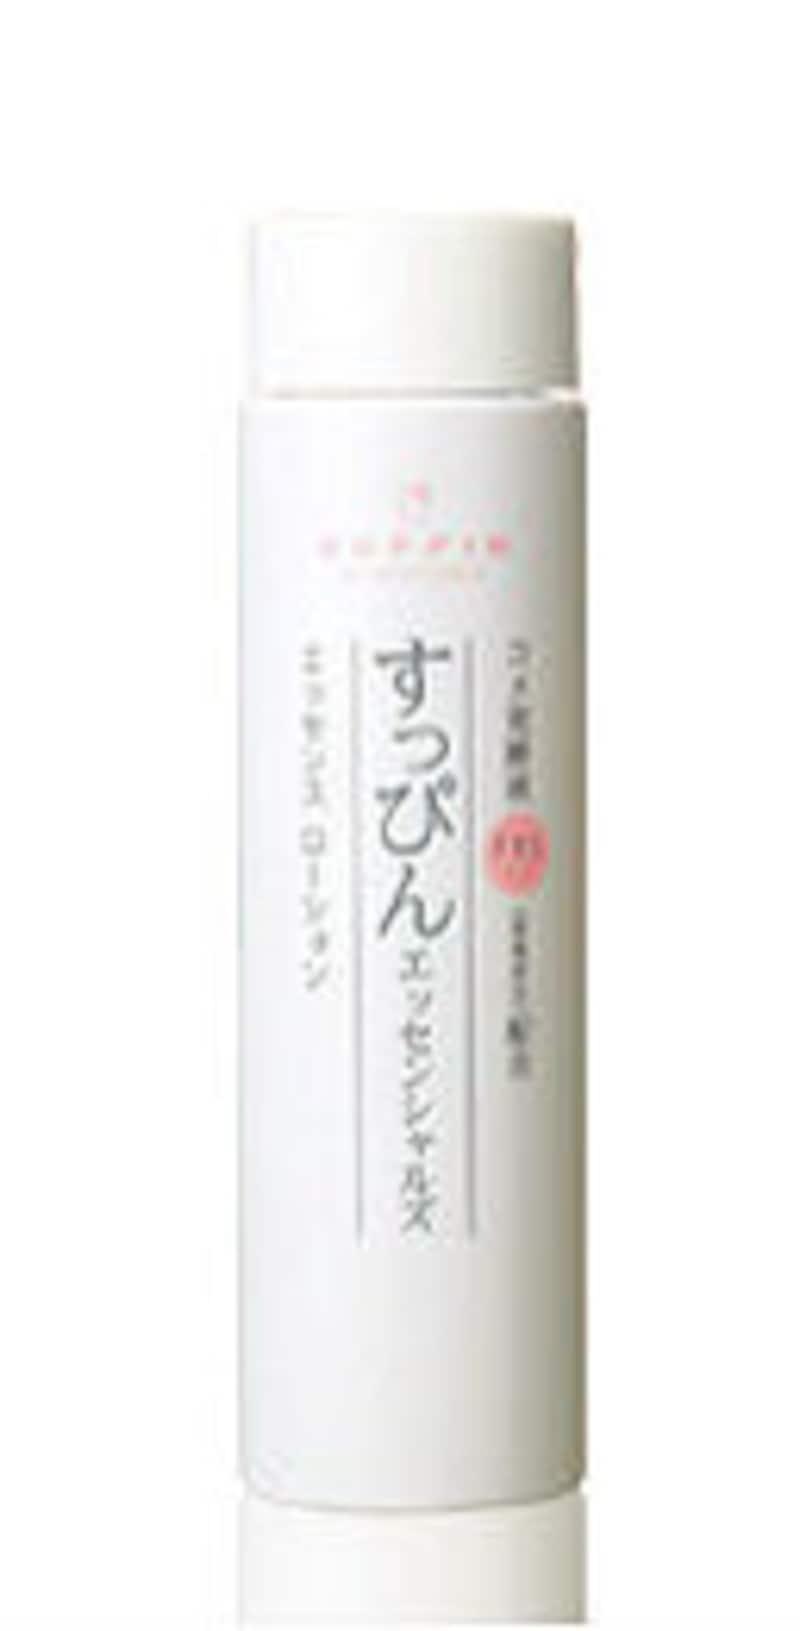 すっぴんエッセンシャルズ エッセンスローション(福光屋)